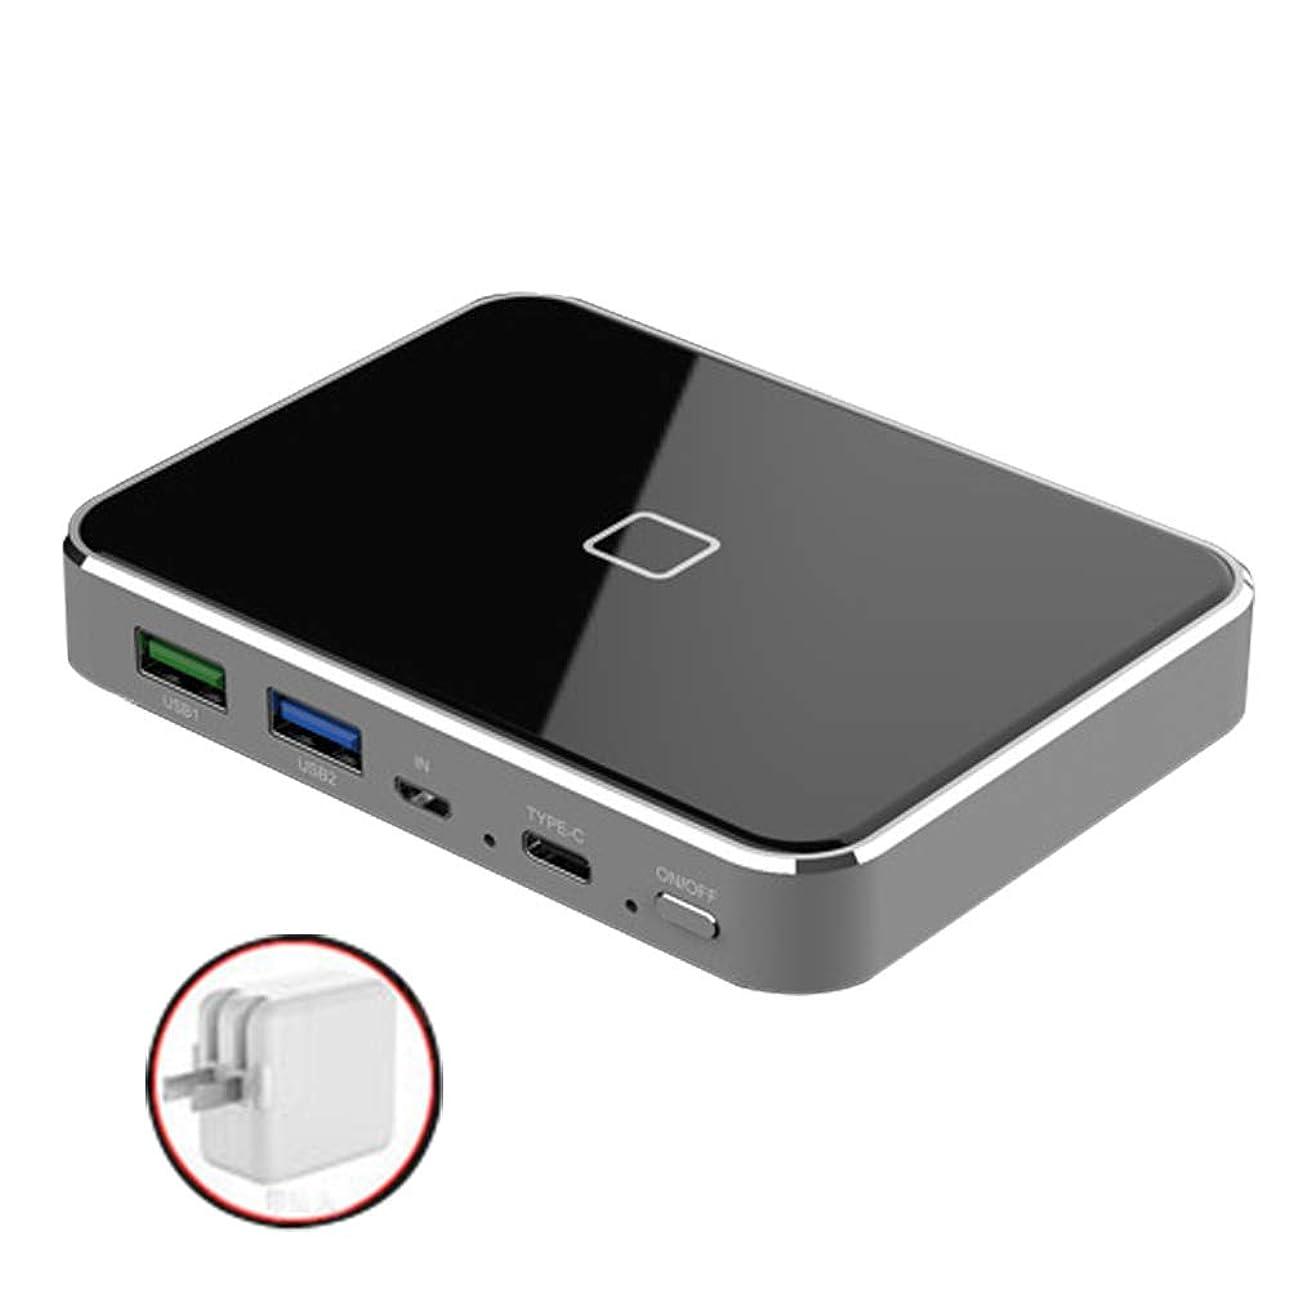 ひばり昇進嫌いBamboo グラフェン双方向PD18W急速充電10000MAH LCDワイヤレスモバイル電源超薄型コンパクト、1Type-c、2USBポートポータブル60Wアダプタ急速充電、iPhone/Huaweiなどの一般的な